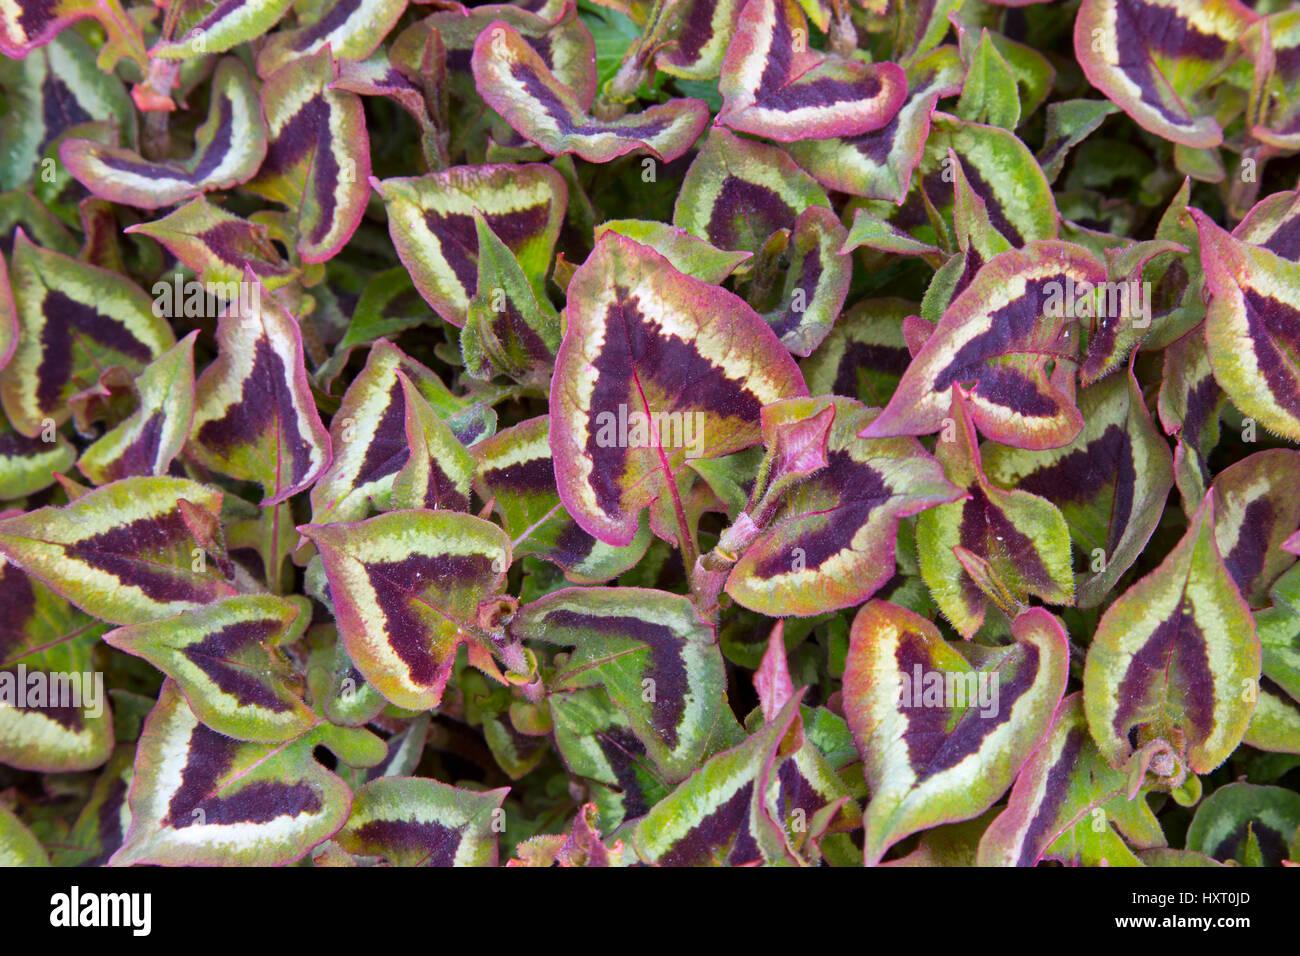 Persicaria runcinata 'Purple Fantasy' growing in border Stock Photo